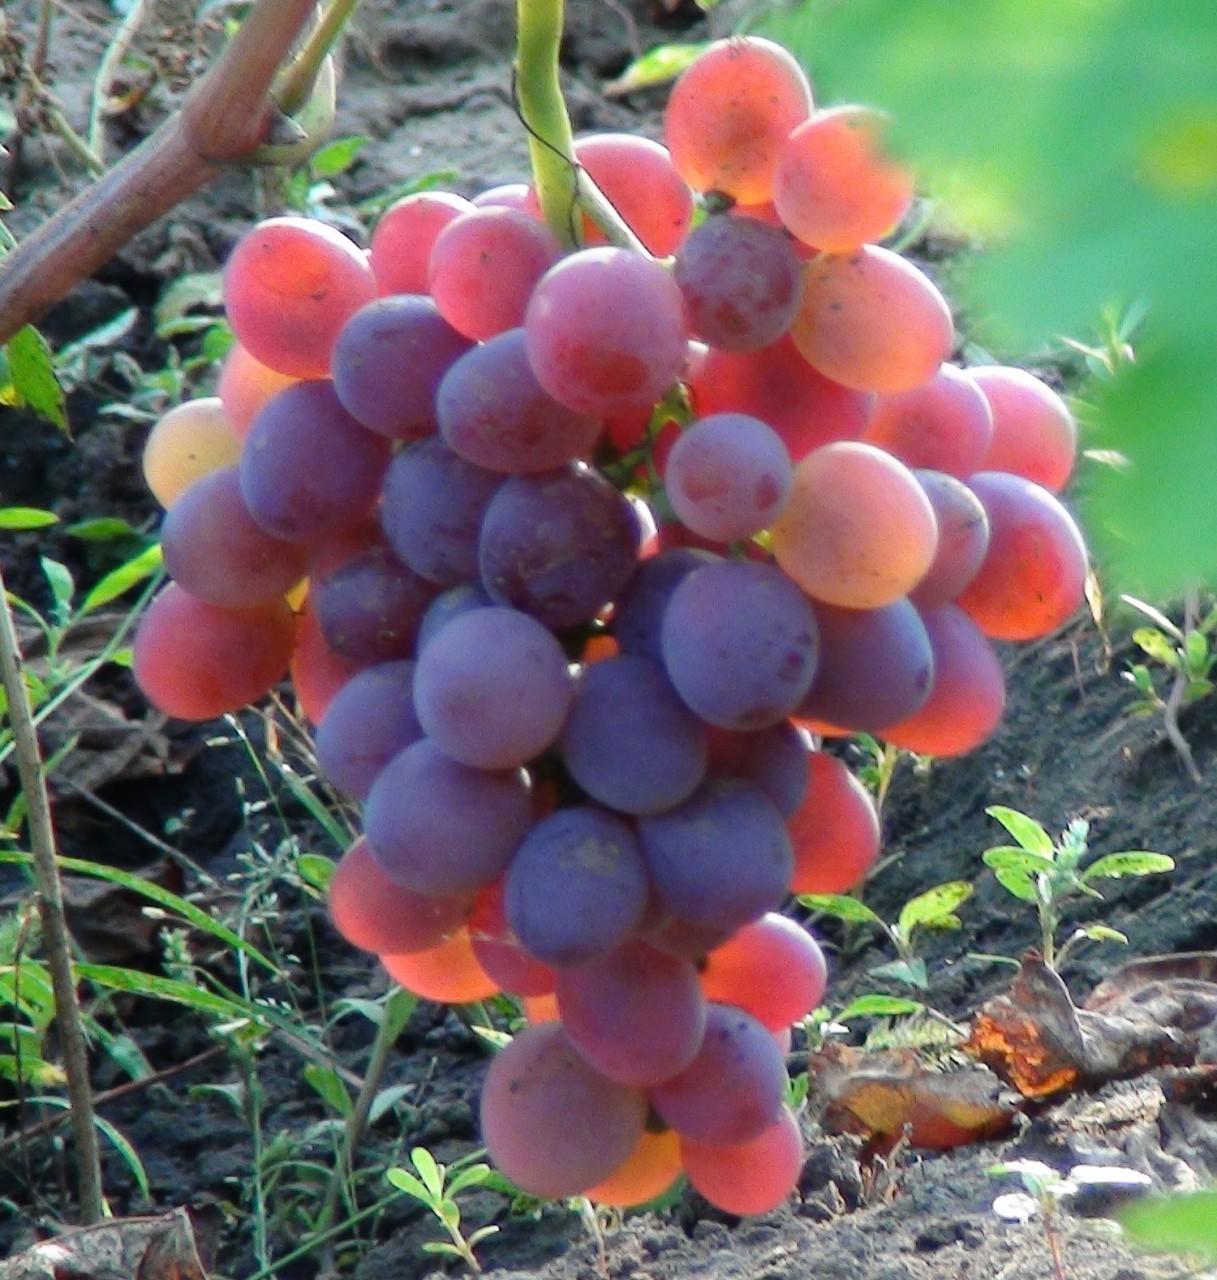 МИР РАСТЕНИЙ. Виноград. Легенды, мифы, предания (4)